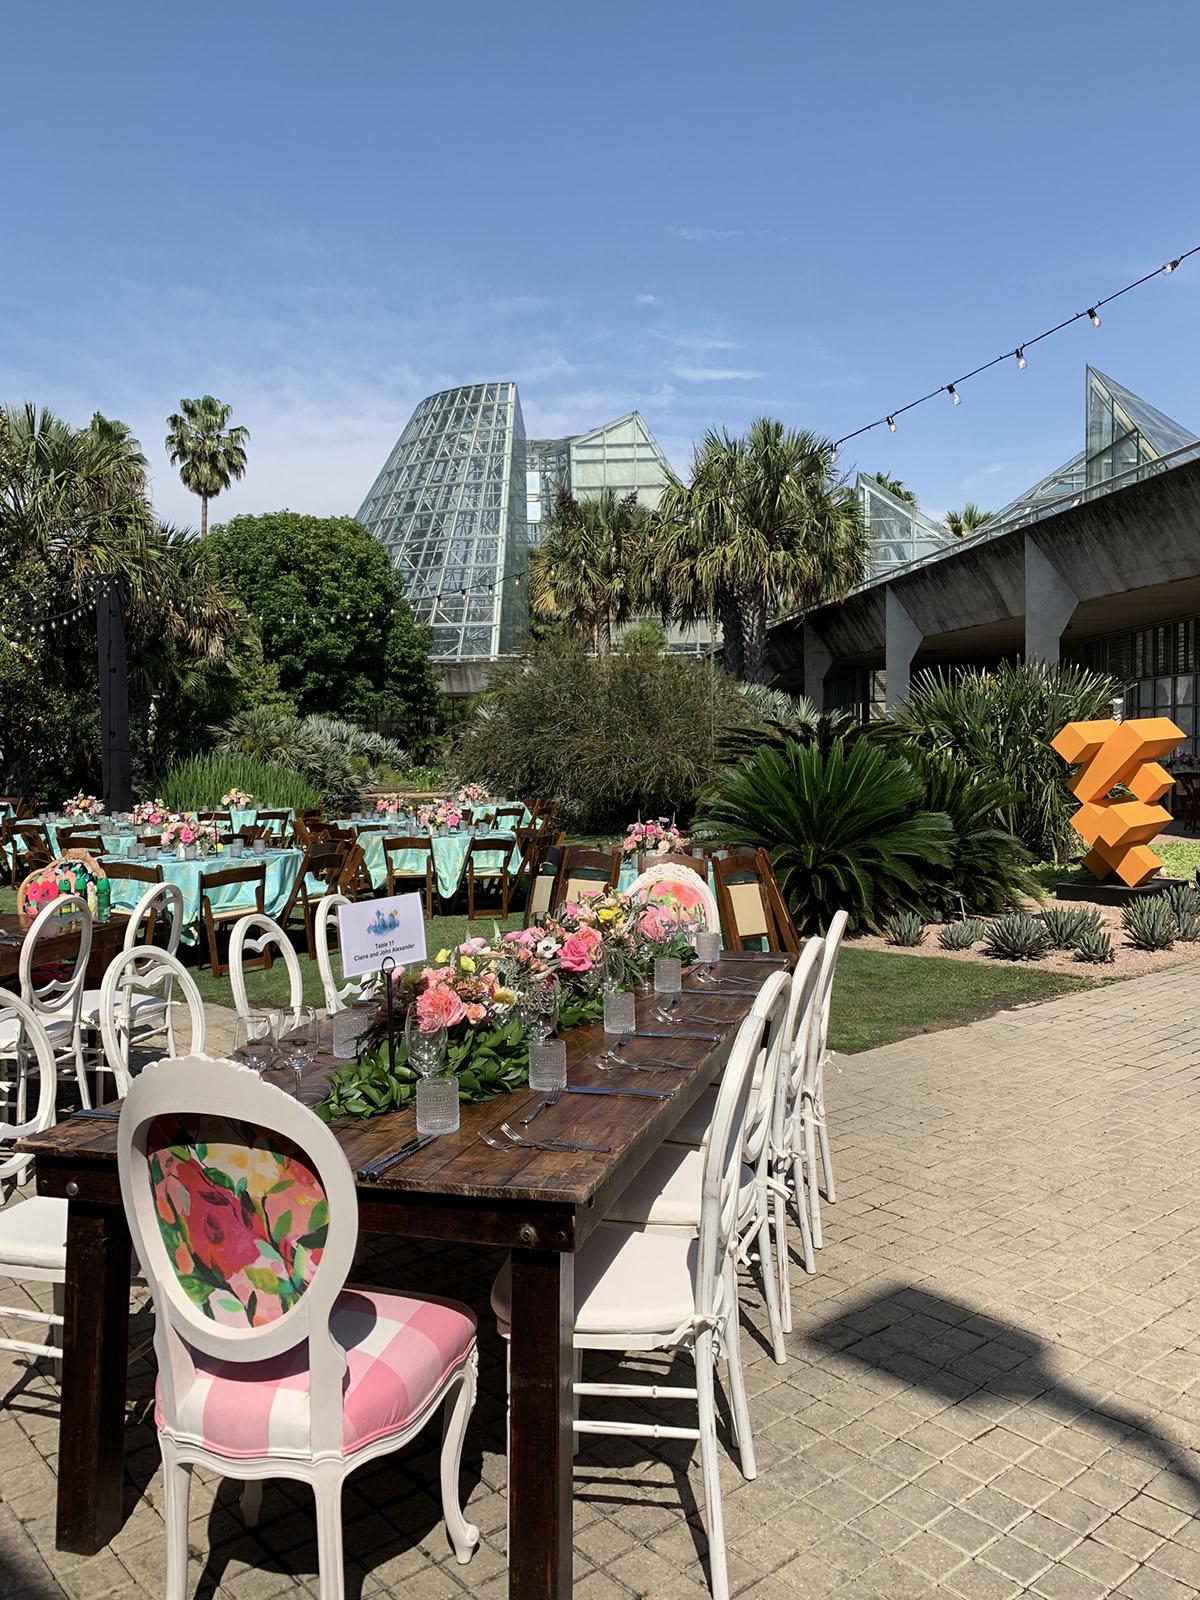 Ambiance - Botanical Gardens